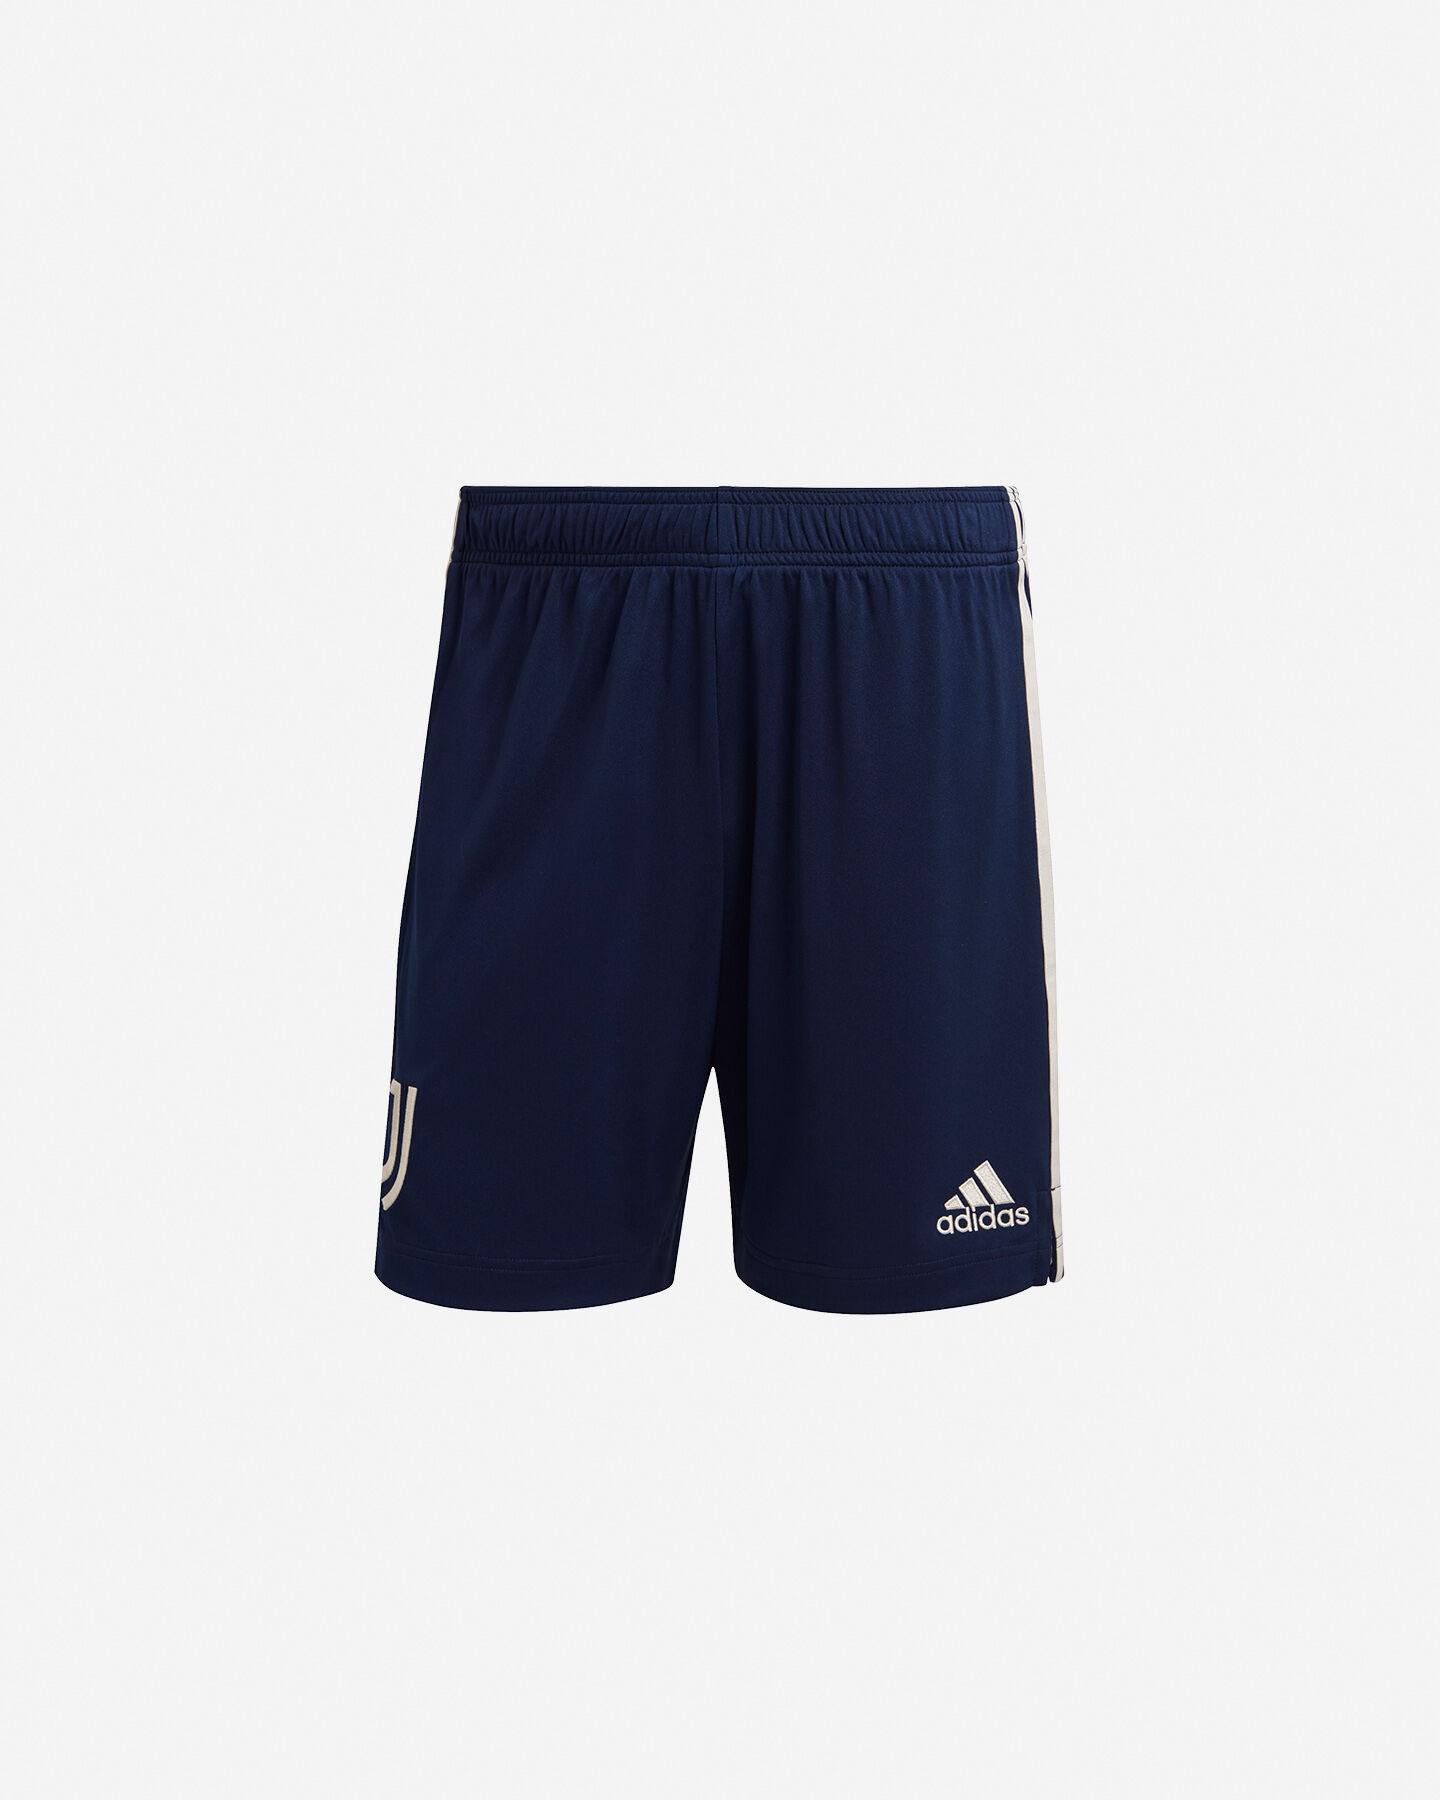 Pantaloncini calcio ADIDAS JUVENTUS AWAY 20-21 M S5217277 scatto 0